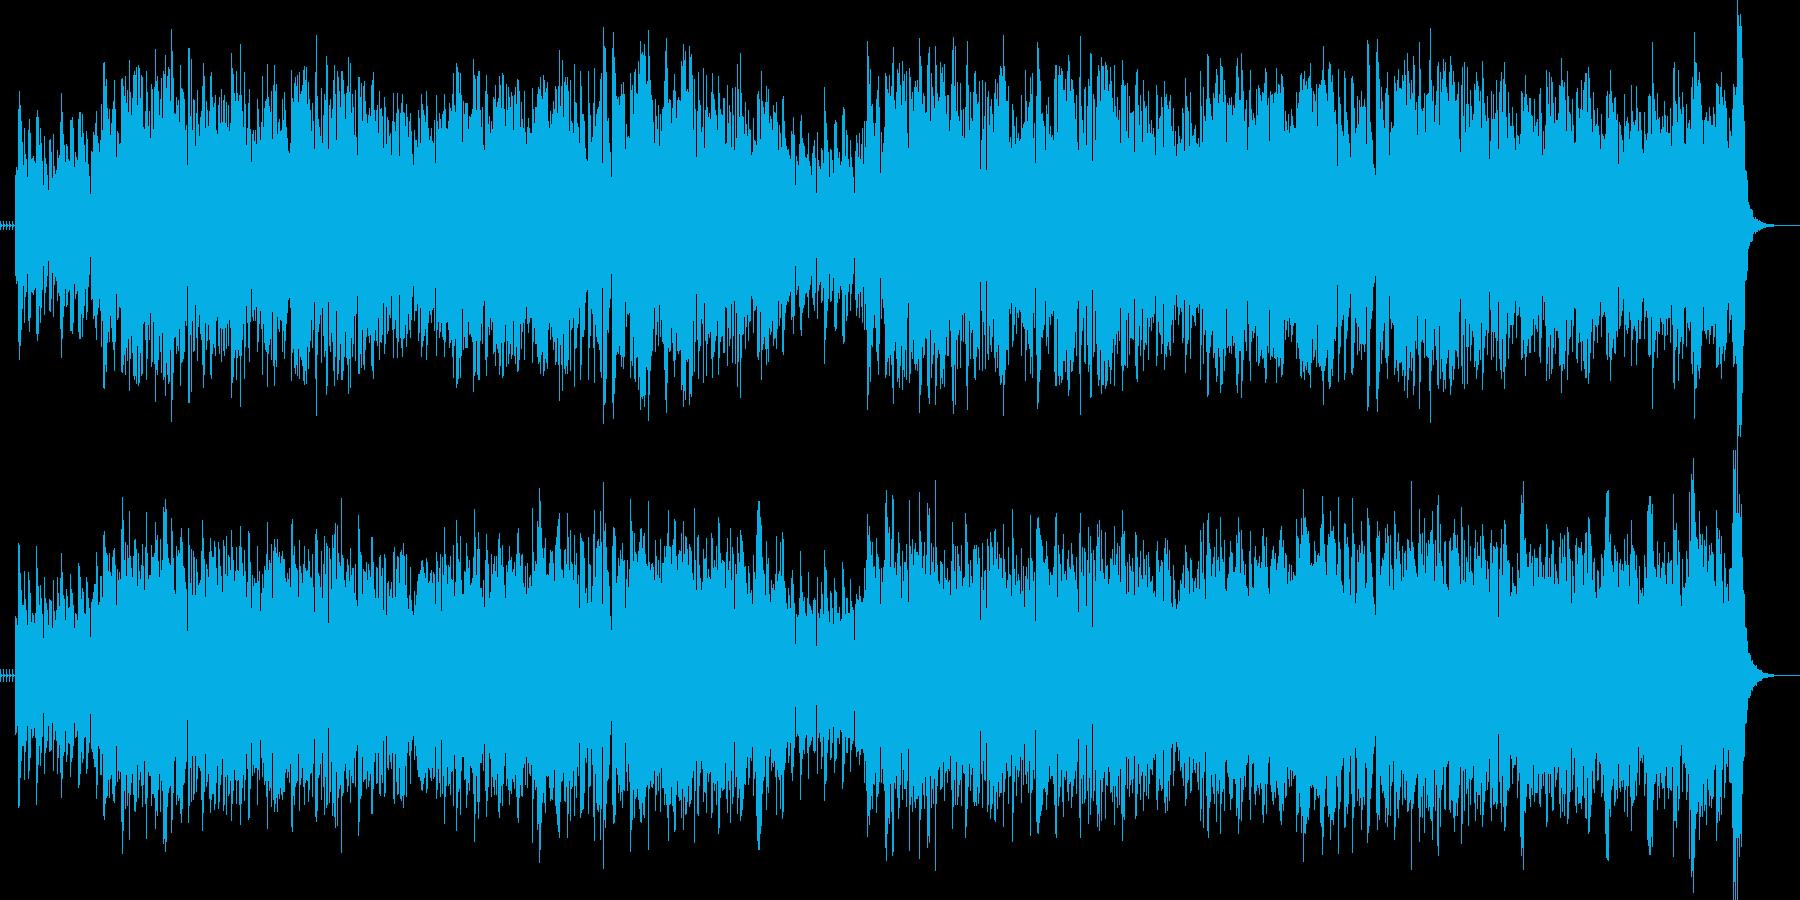 ジャズスタンダードリズミカルアップテンポの再生済みの波形